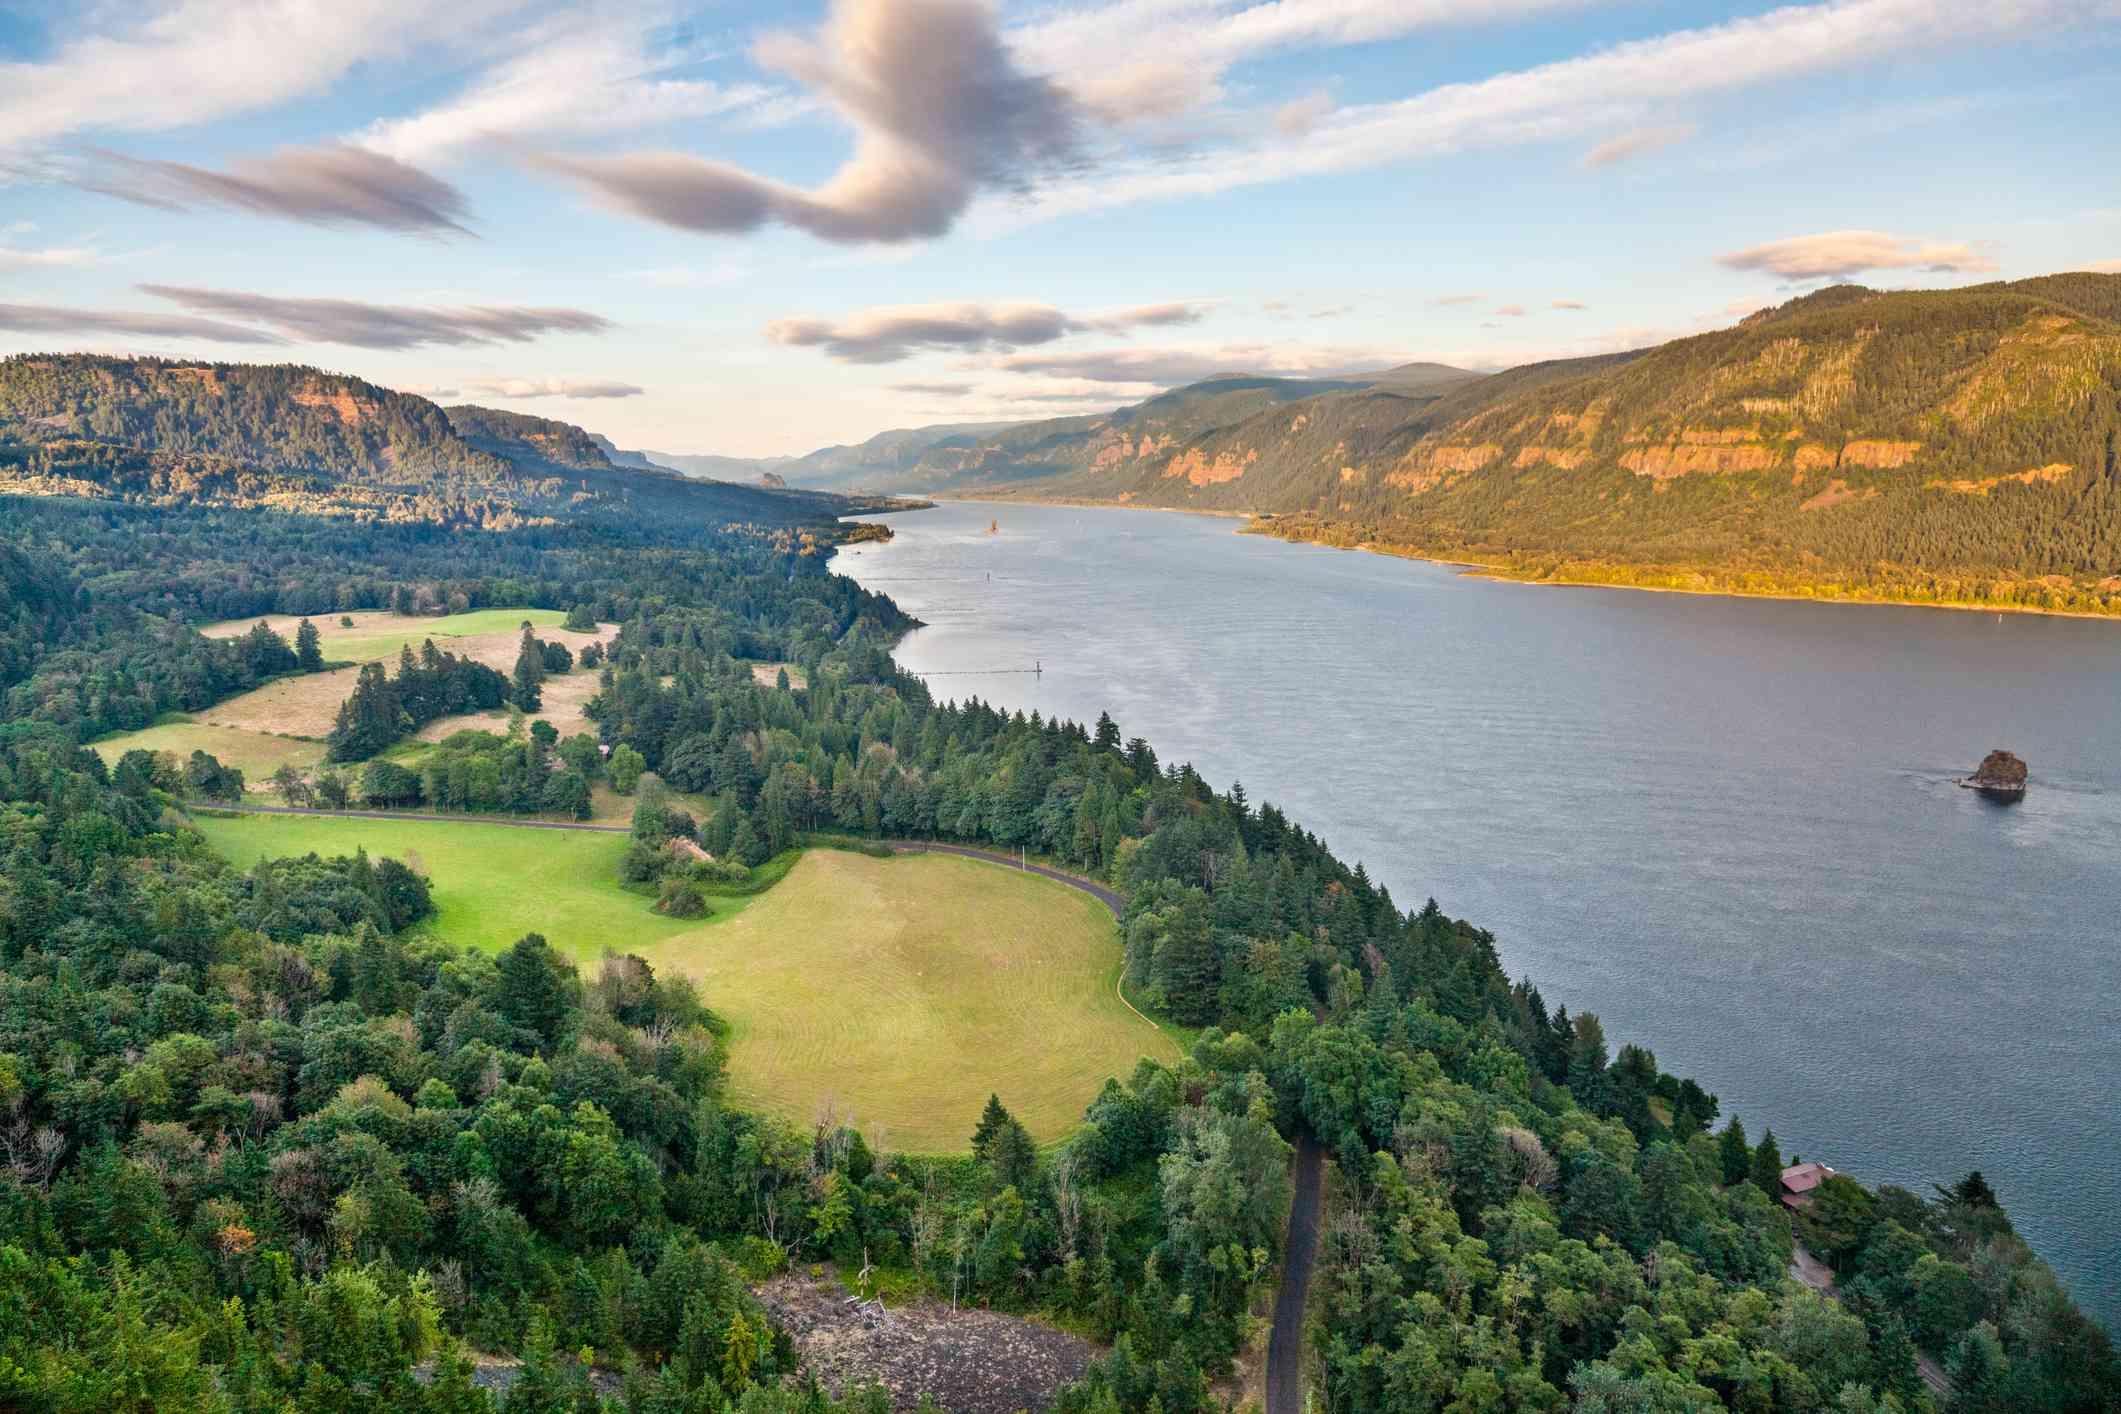 Una hermosa vista del desfiladero del río Columbia desde el lado del río Washington, Estados Unidos